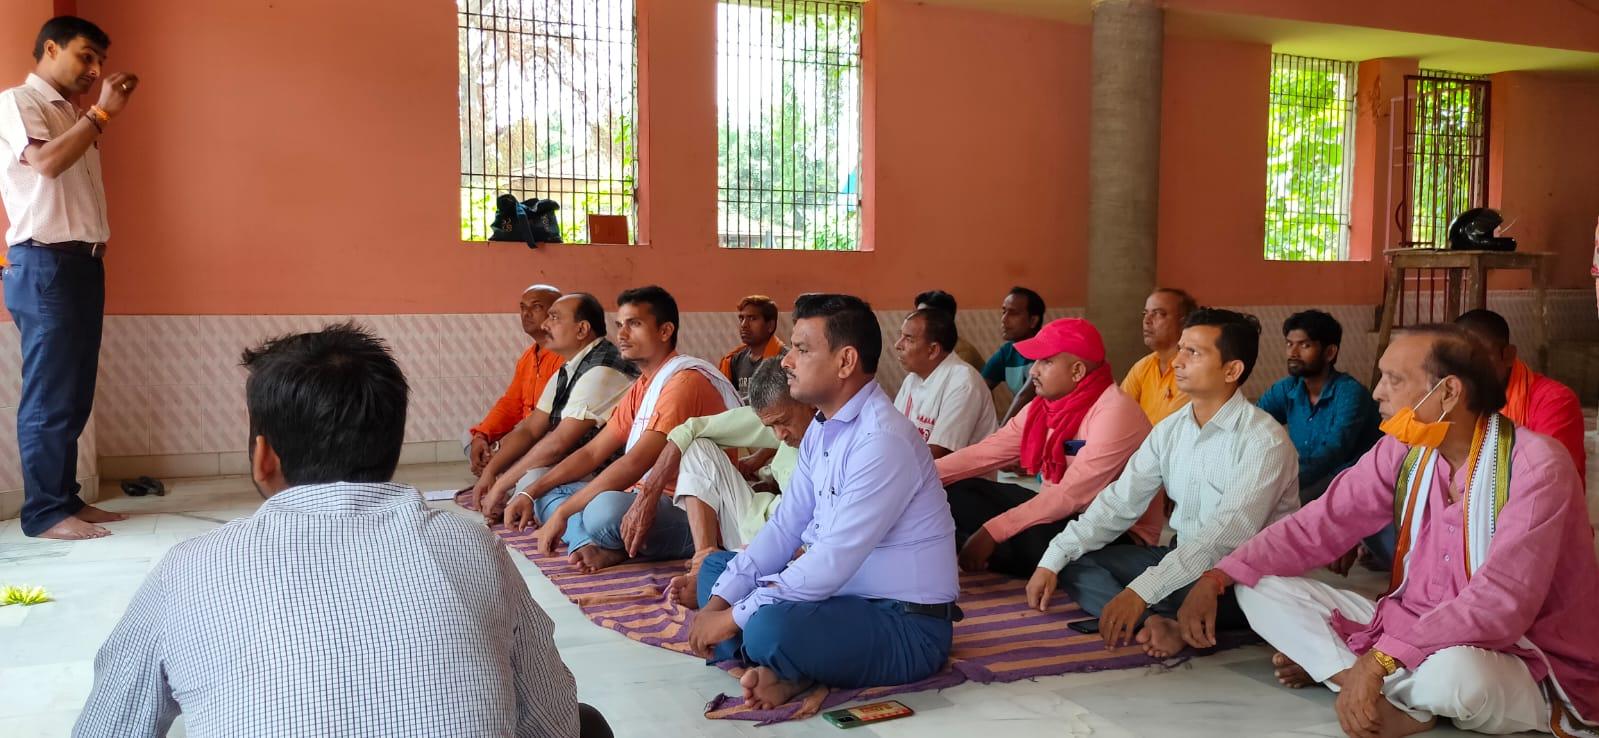 मशरक की खबरें : आरएसएस स्वयंसेवकों ने भगवा ध्वज और भारत माता की किया पूजा-अर्चना